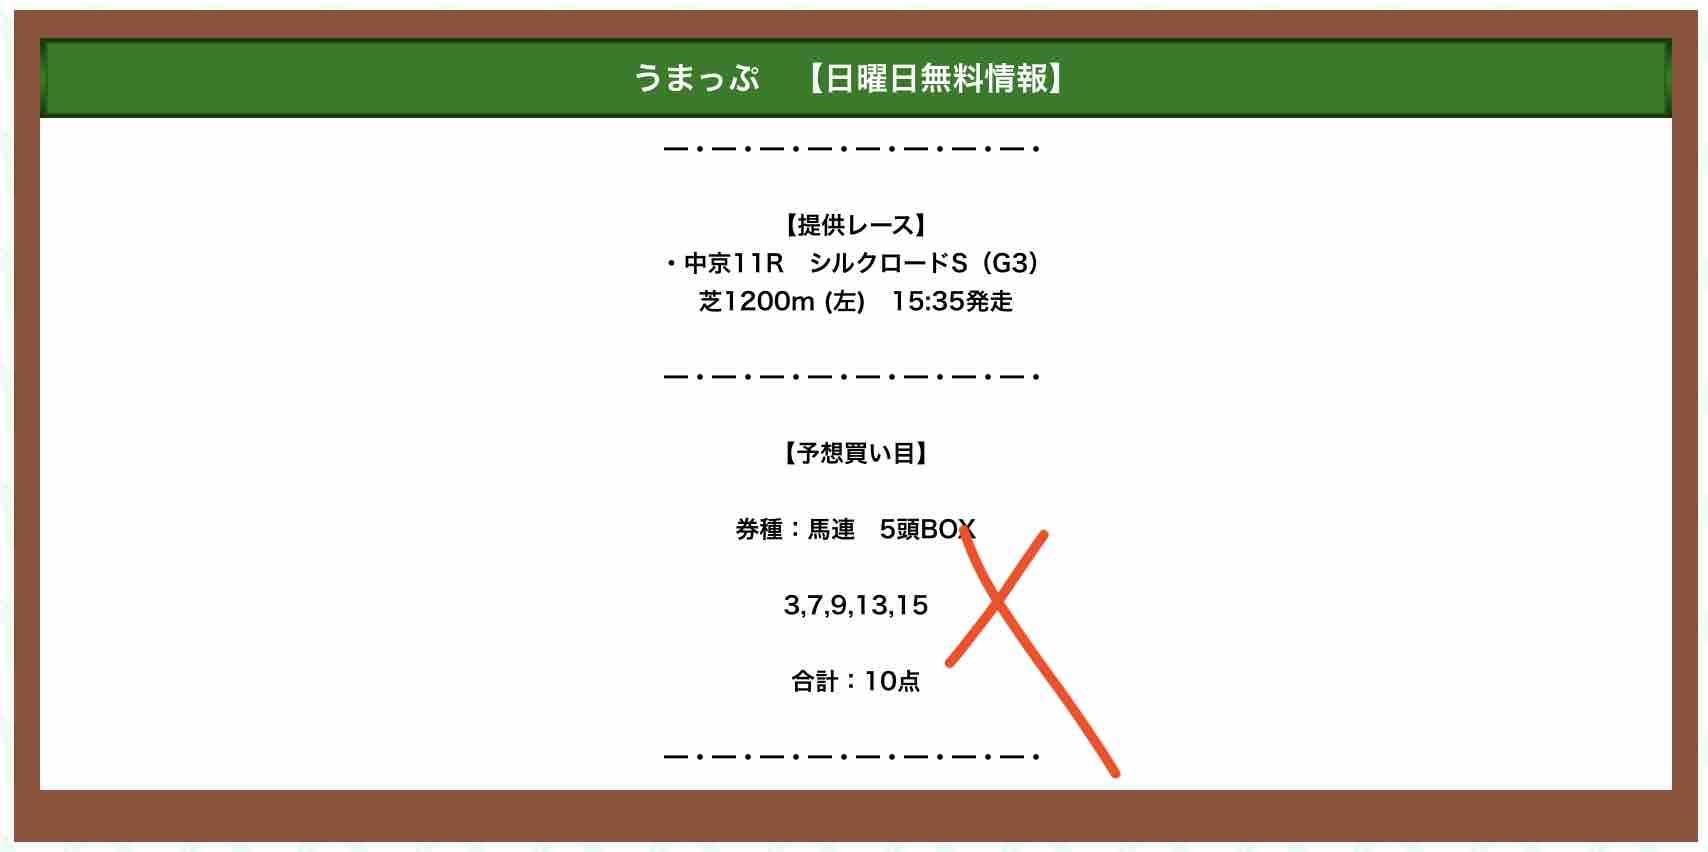 うまっぷの無料予想(無料情報)の抜き打ち検証